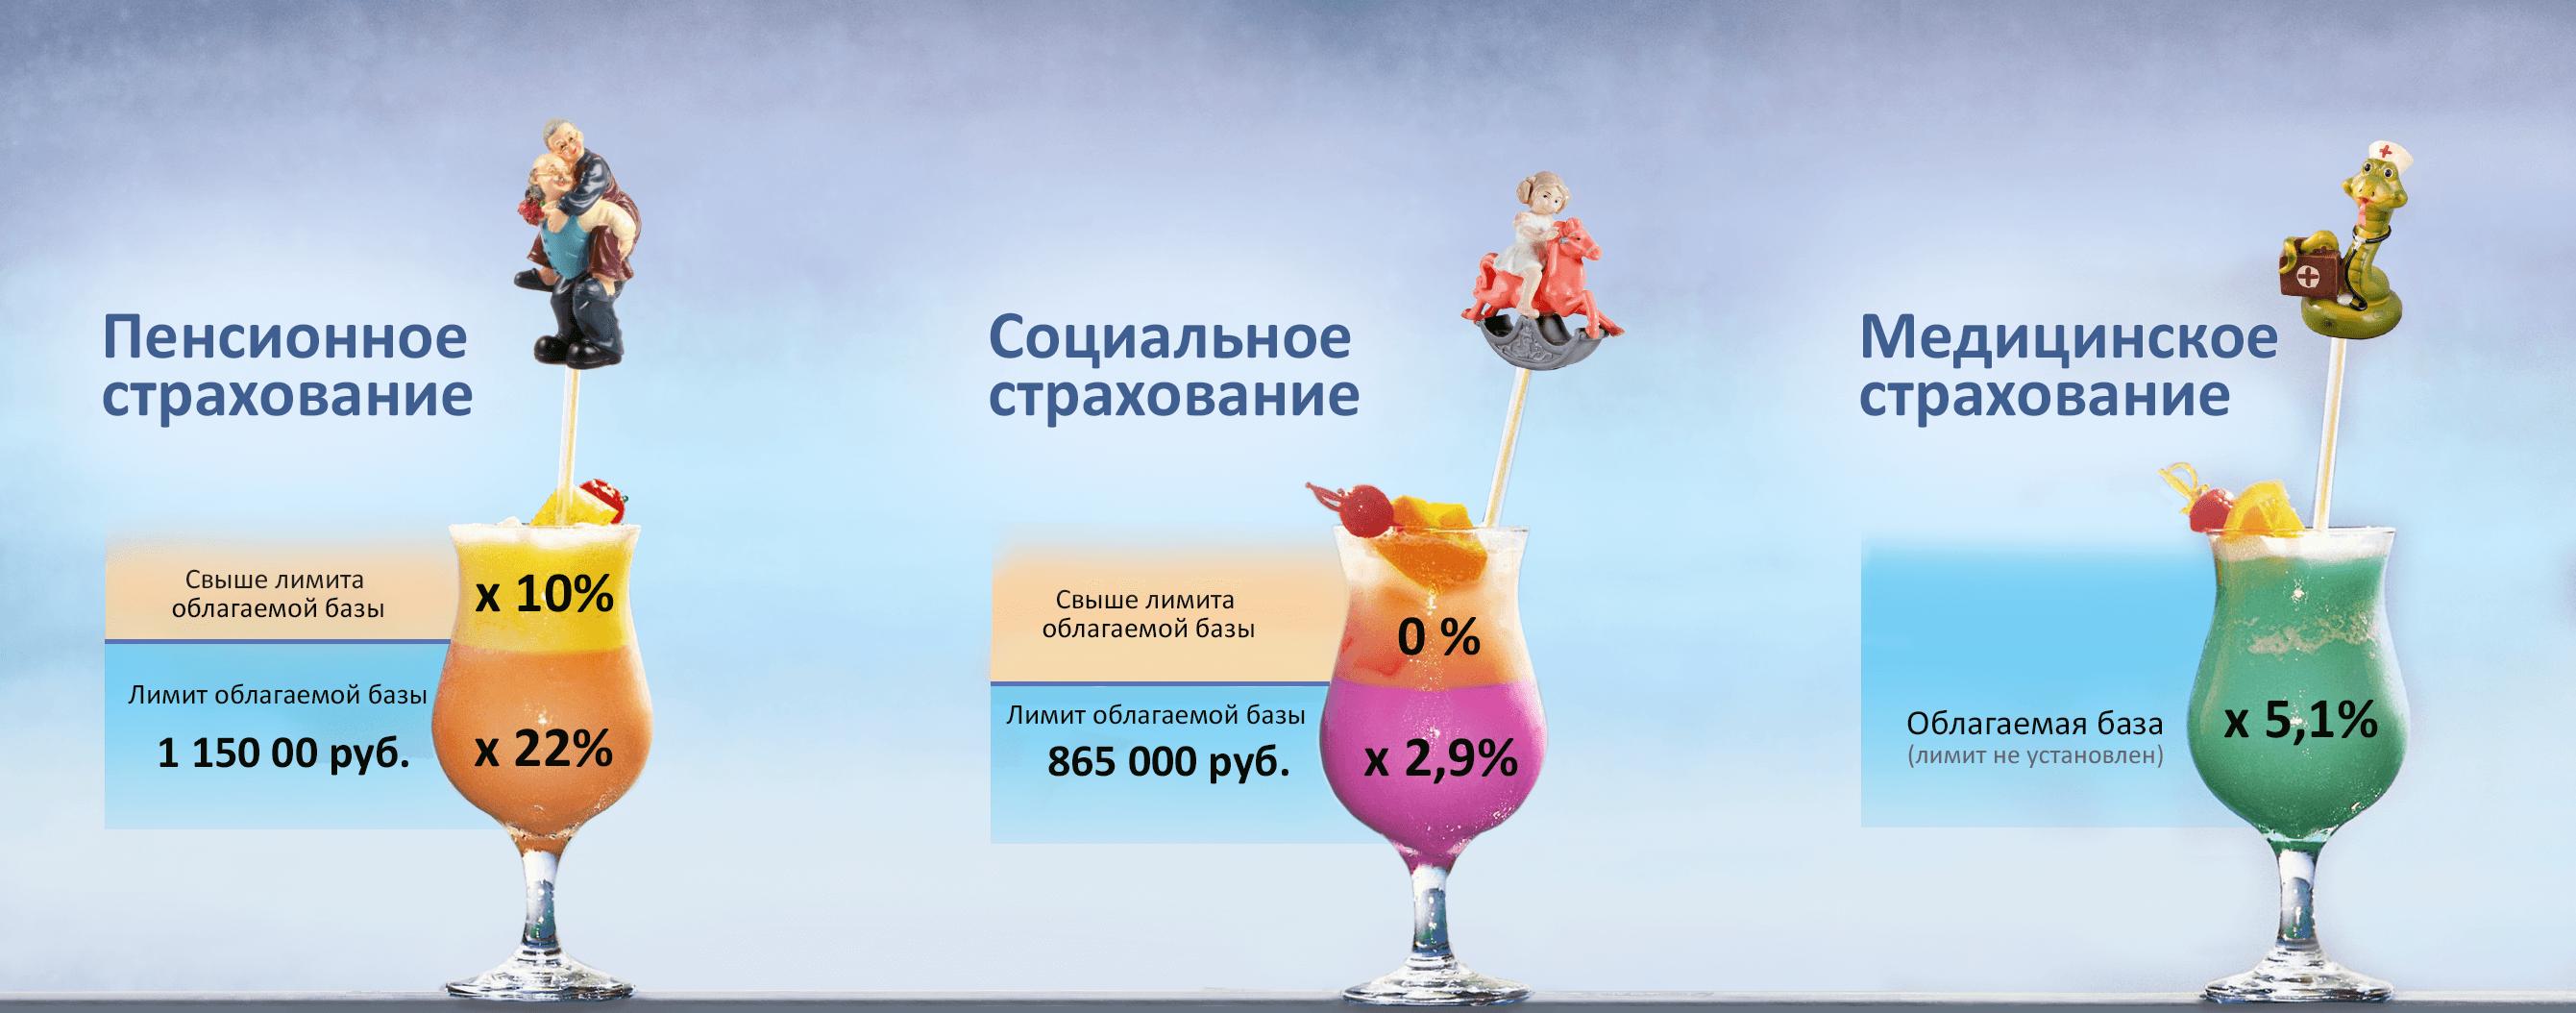 Расчет сумм страховых взносов при превышении предельной базы в 2019 году